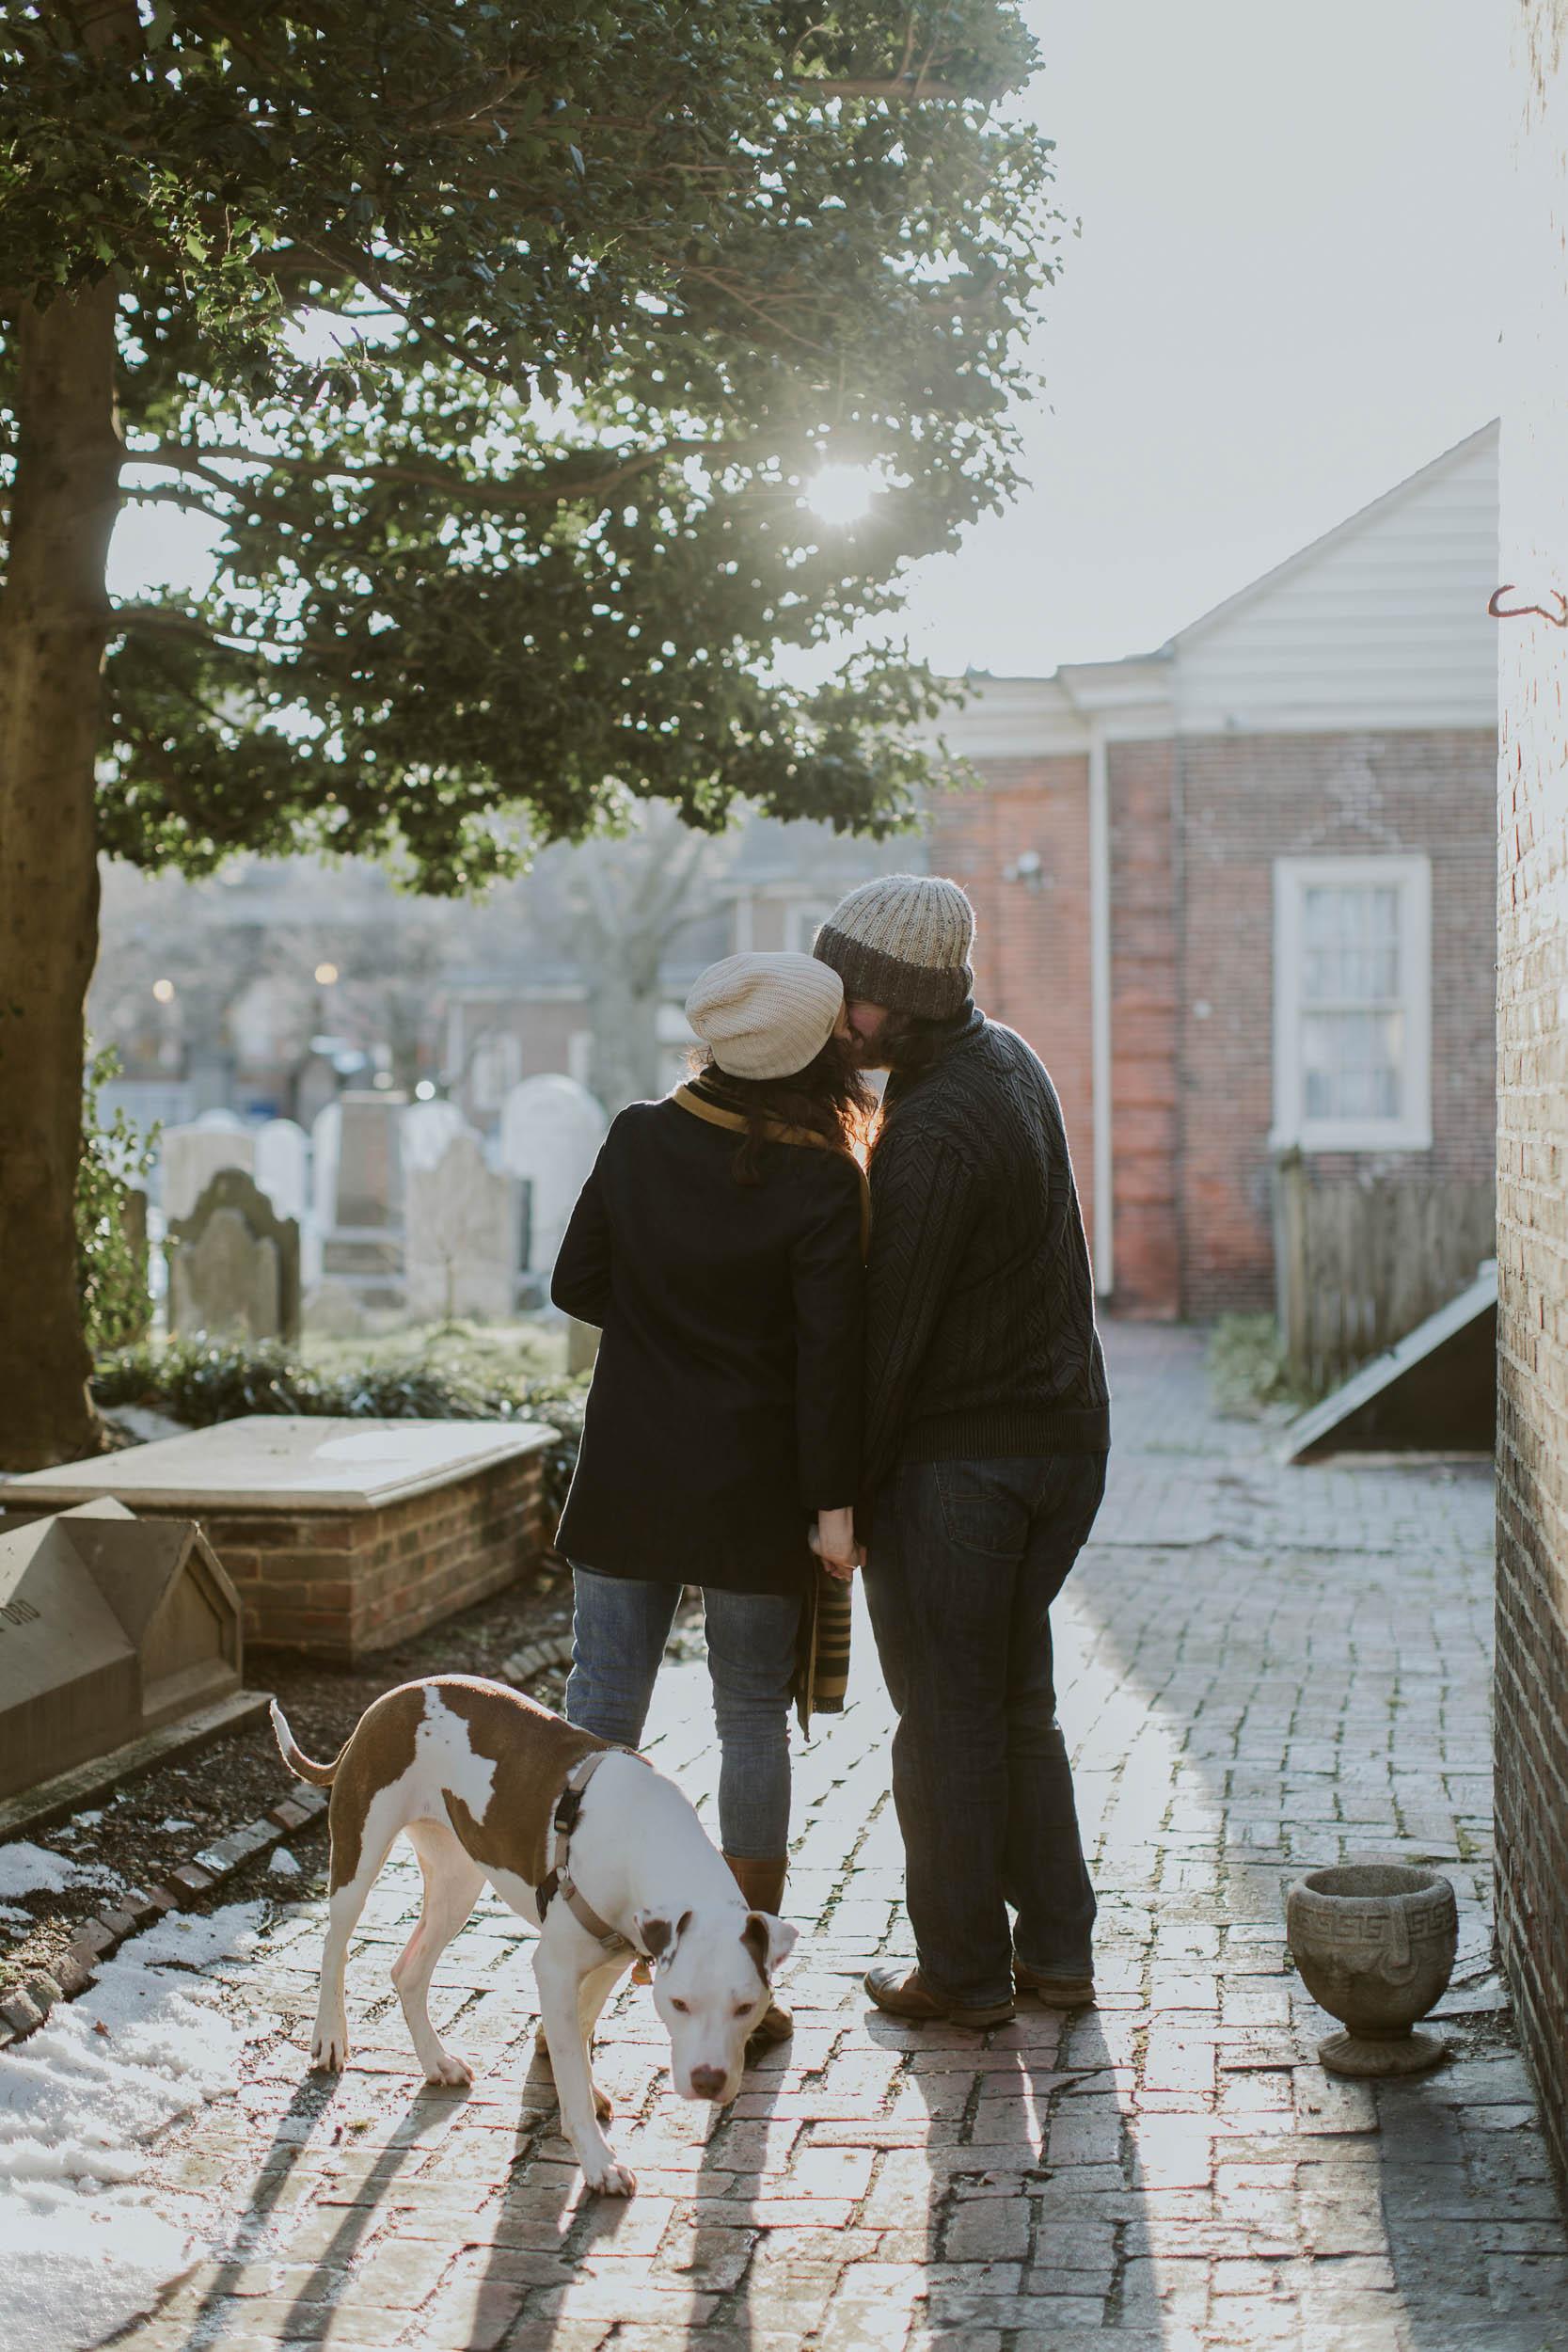 Kristen-Humbert-Family-Photoshoot-Philadelphia_Ruby-James-W-2-29.jpg